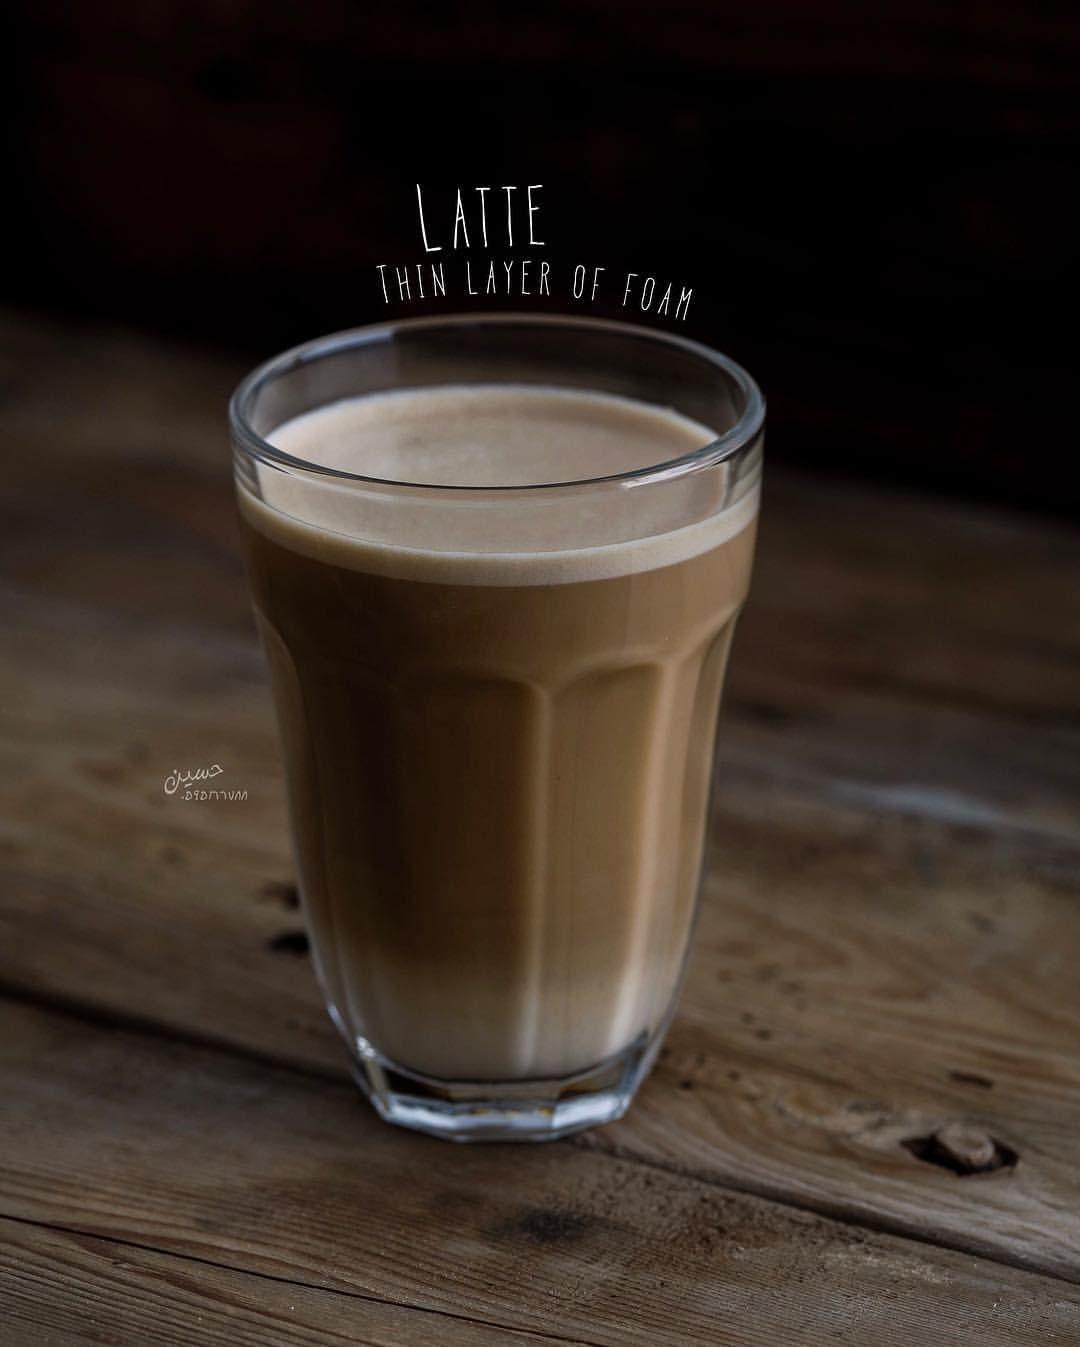 انت من عشاق القهوة منشن الكوفي شوب المفضل عندك Coffee Coffeetime Coffeeshop Latte Coffeelatte Pint Glass Latte Tableware